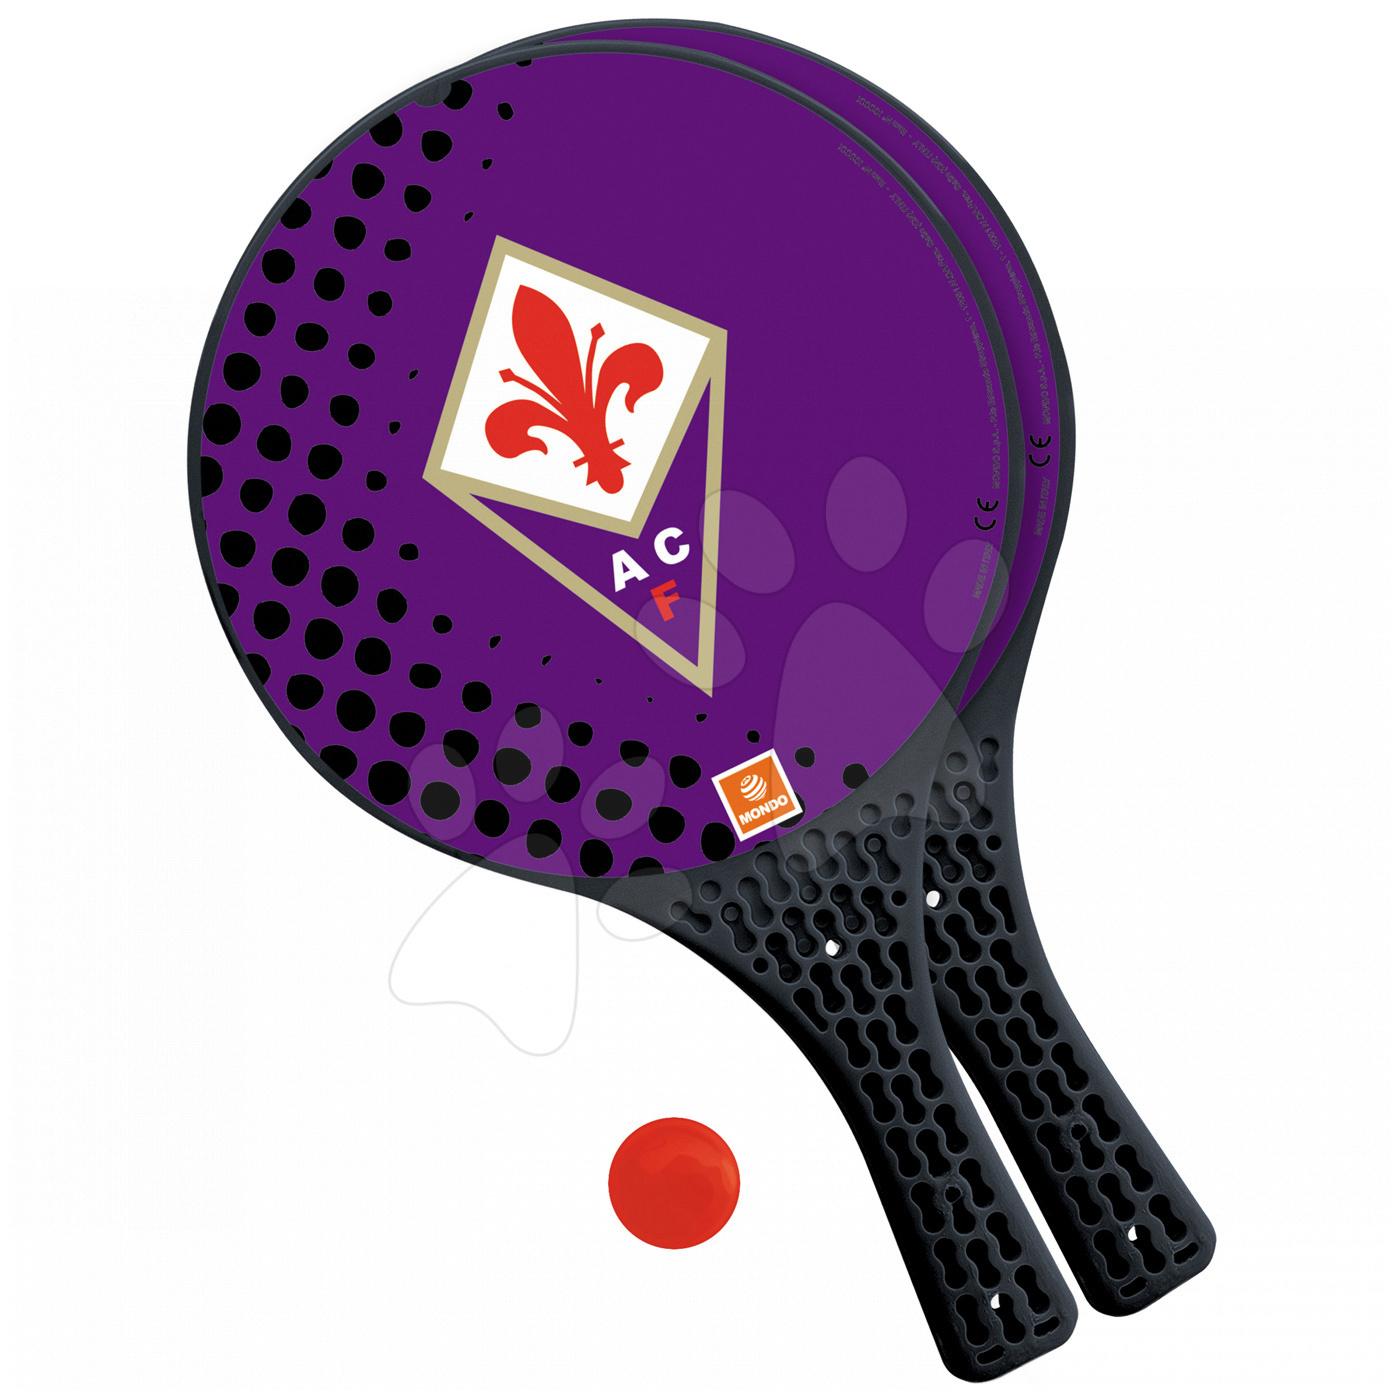 Tenis - Plážový tenis A.C.FIORENTINA Mondo fialové 2 kusy + loptička